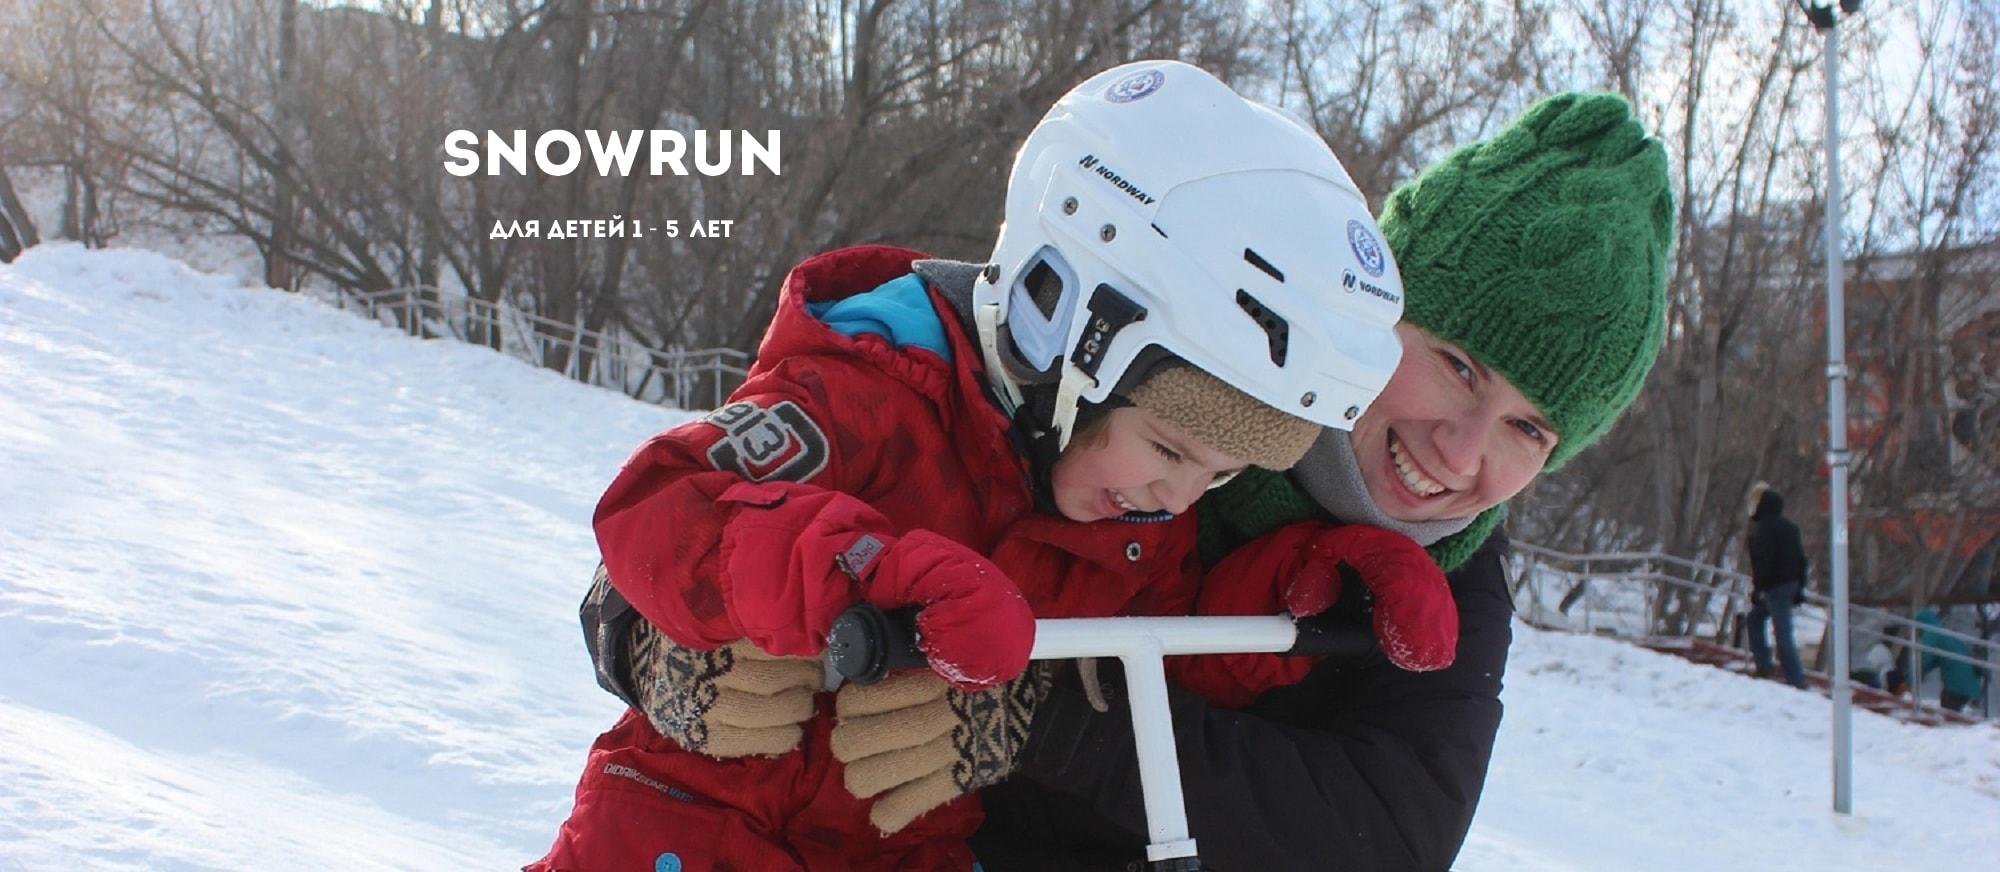 snowRUN_5-min